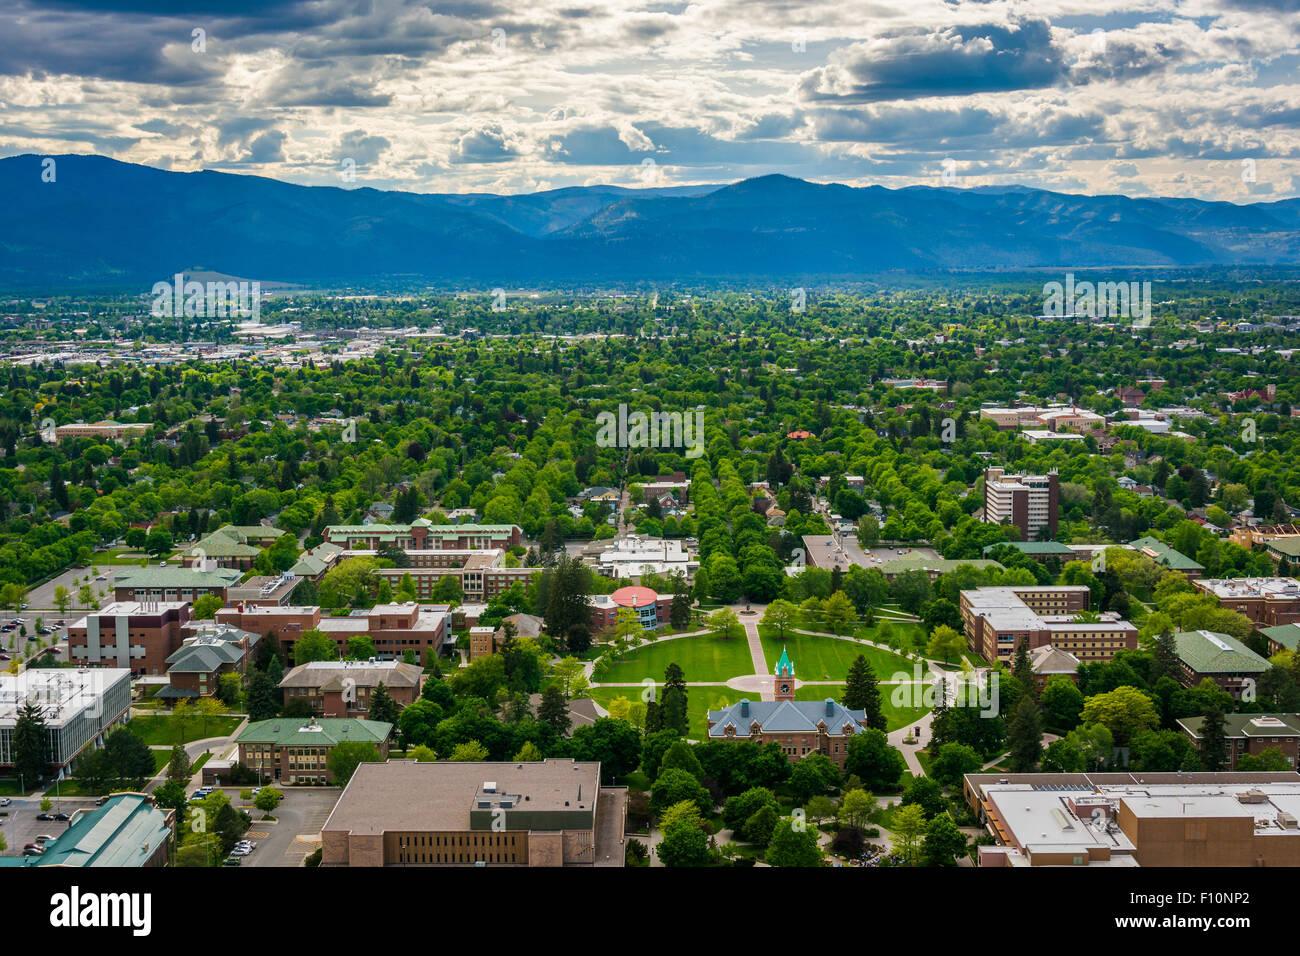 Vista de la Universidad de Montana desde el cerro Centinela, en Missoula, Montana. Imagen De Stock